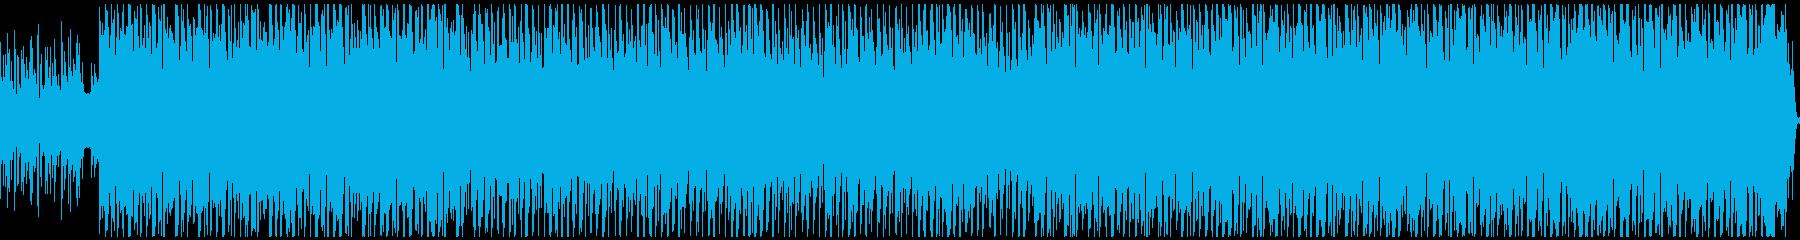 ラジオ、オープニング、ファンク、サックスの再生済みの波形